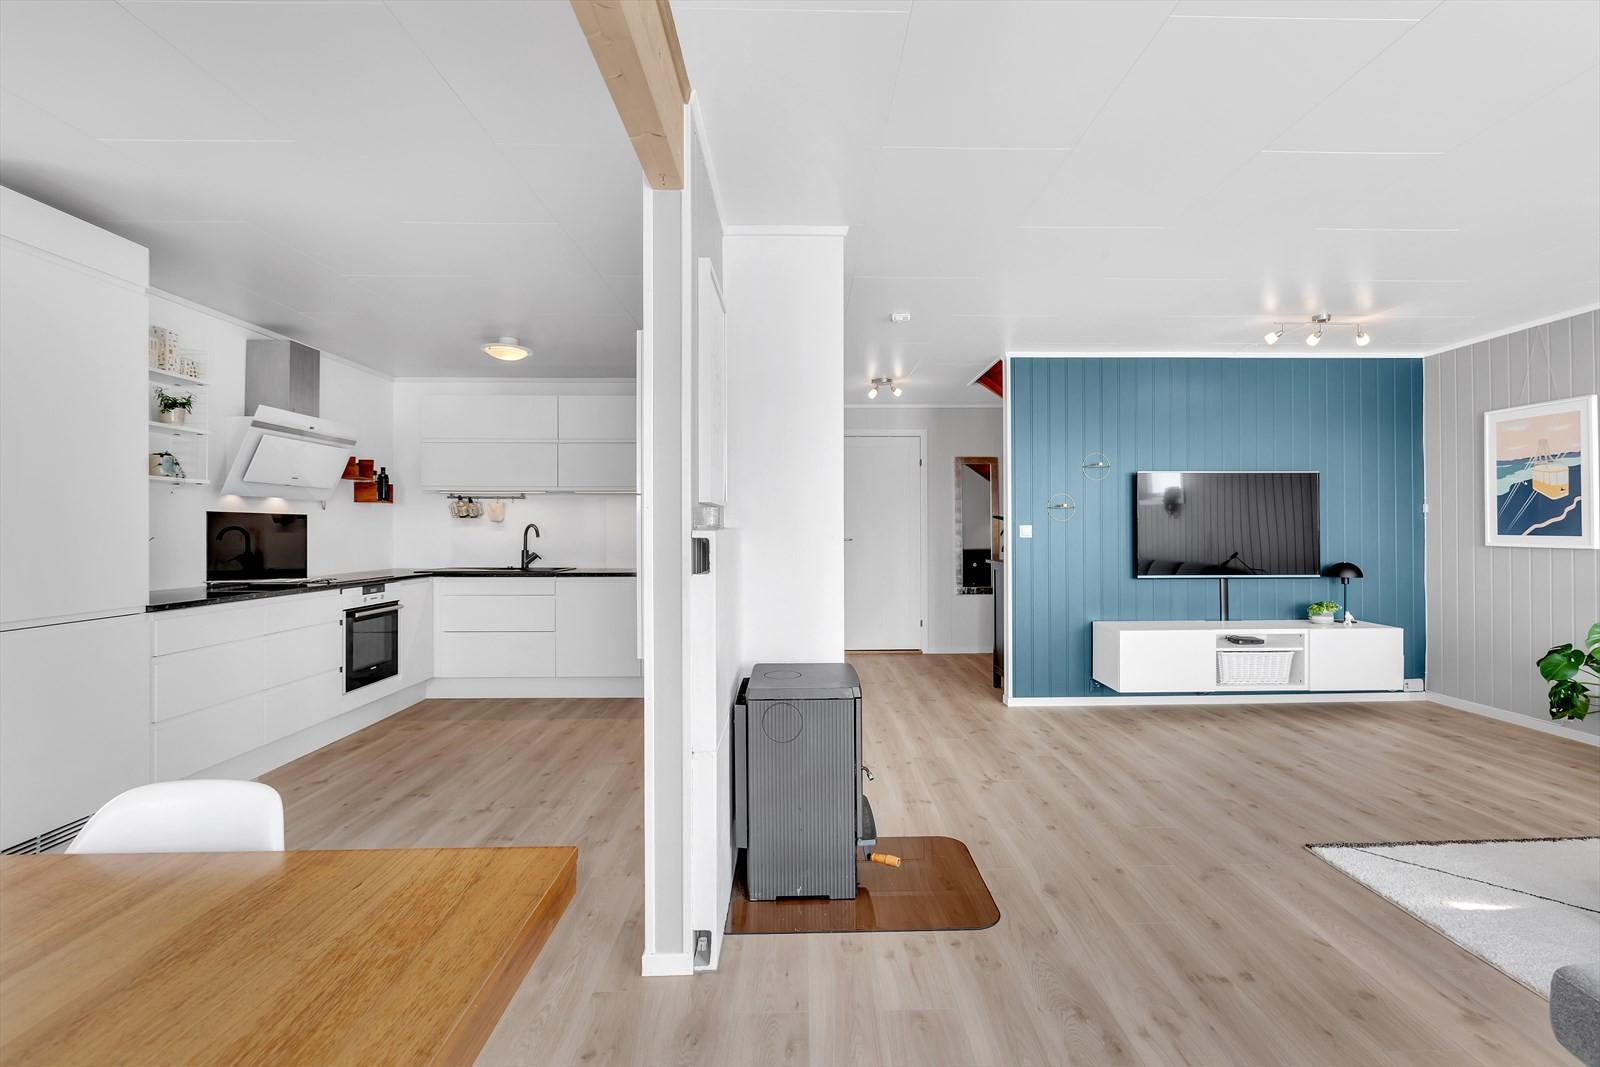 Kjøkken og stue i delvis åpen løsning.